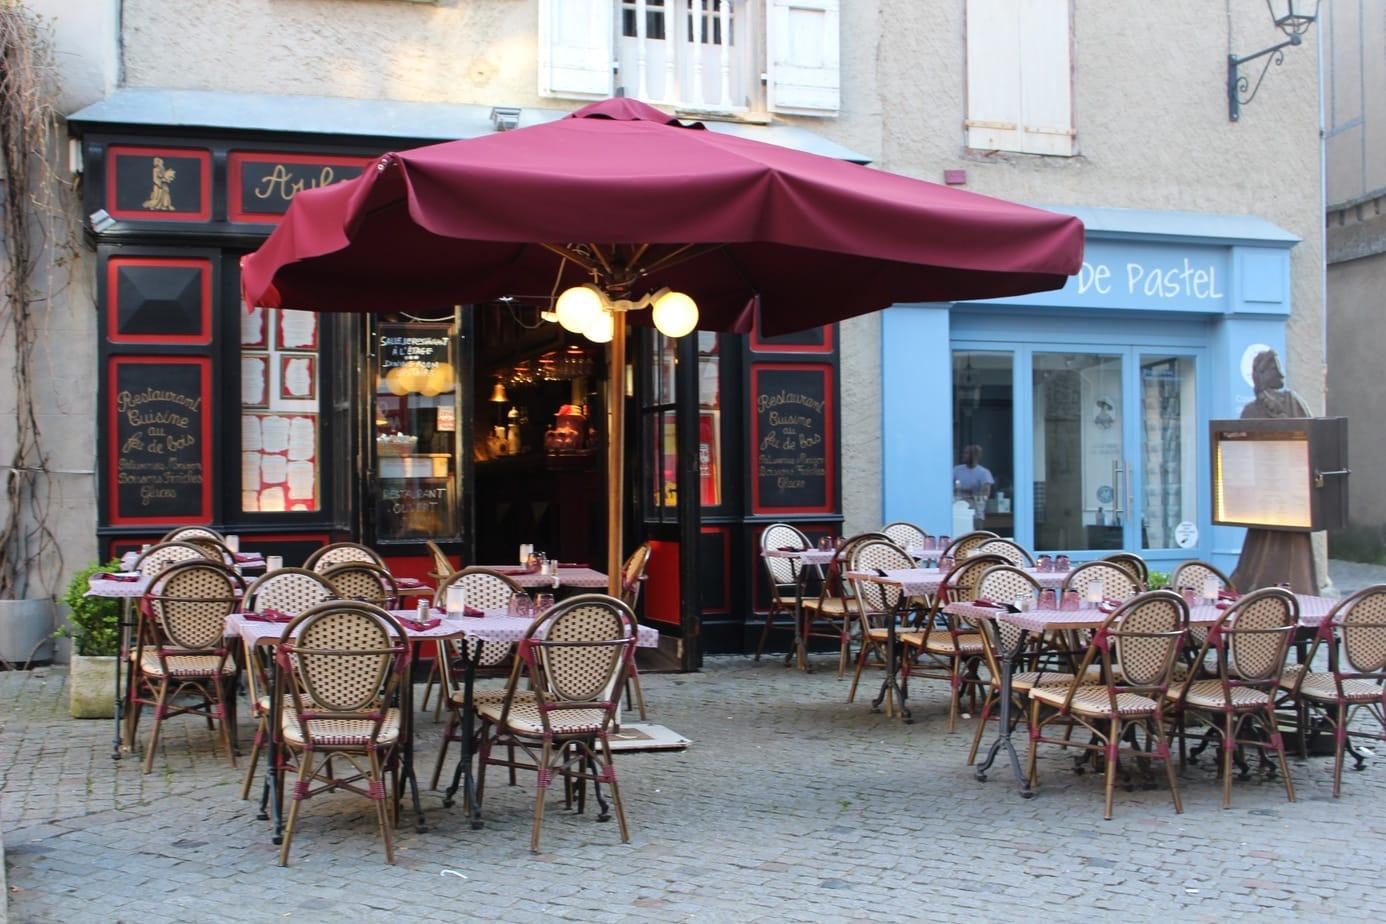 La Plaza in la cite carcassonne